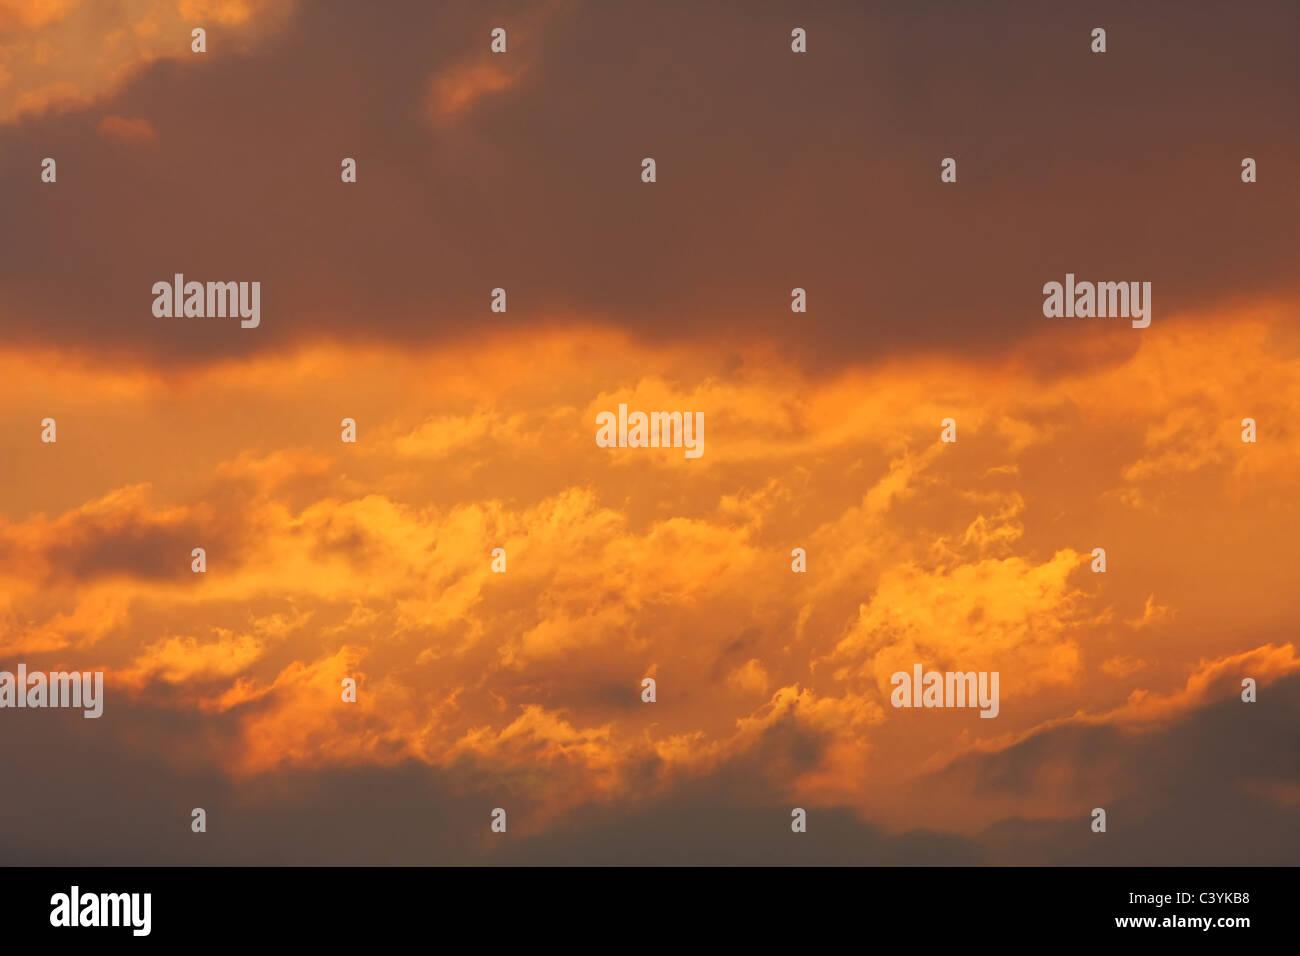 Hintergrund der bunten Himmel. Stockbild